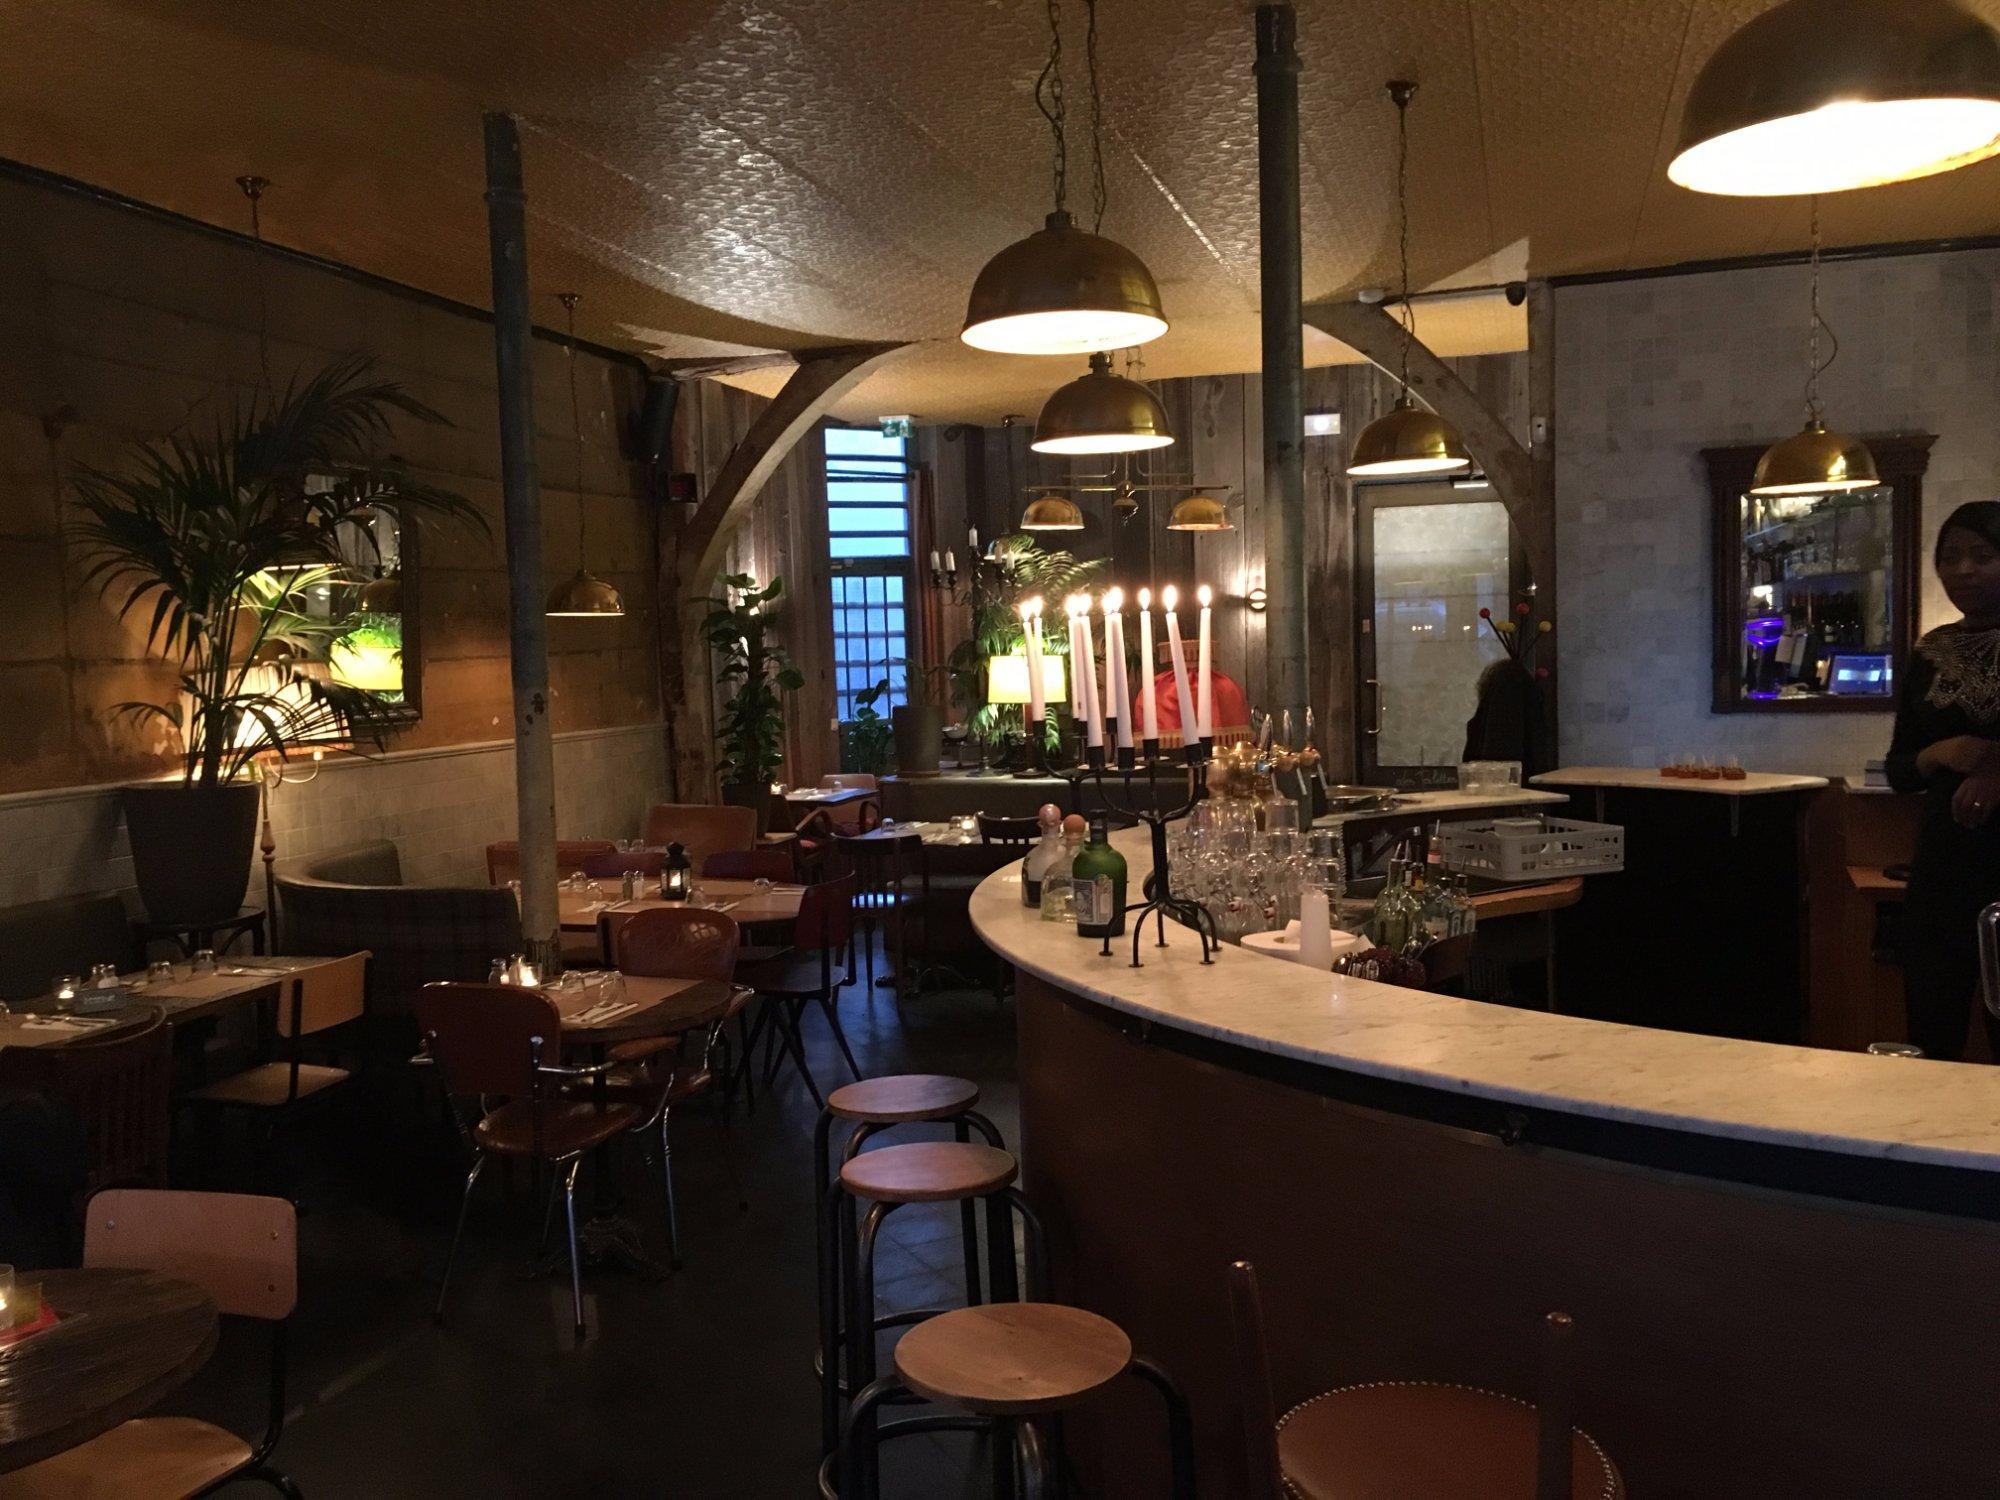 La quincaillerie paris ch teau d 39 eau gare du nord restaurant avis n - Quincaillerie paris 16 ...